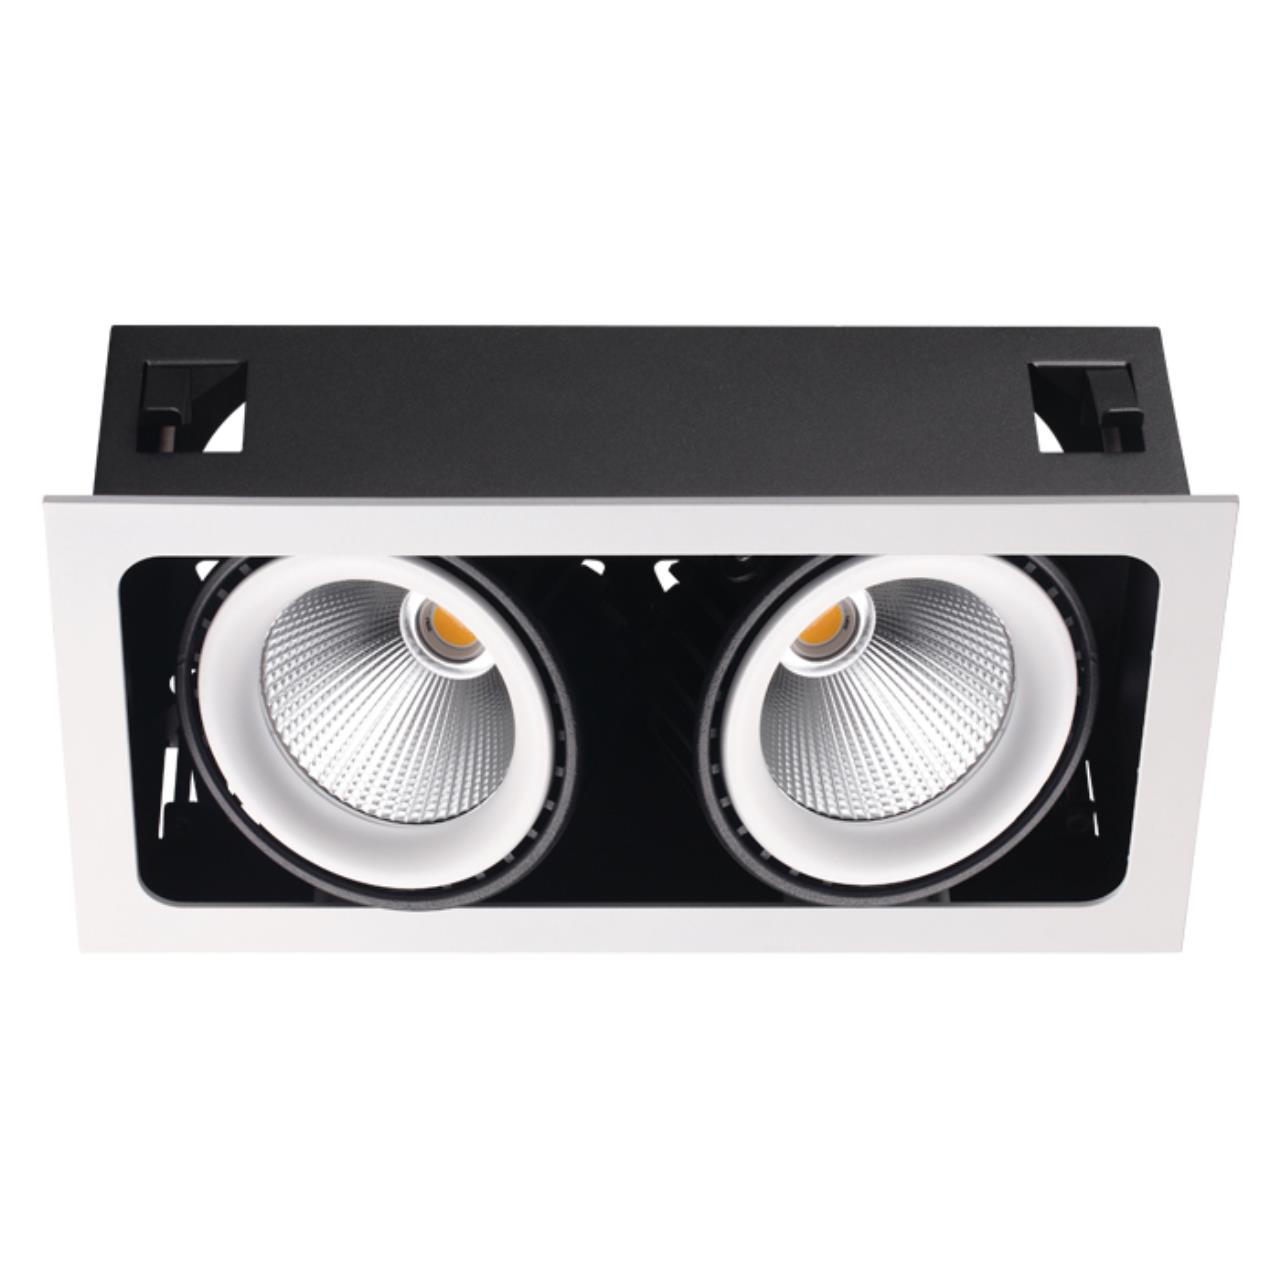 358038 SPOT NT19 082 белый/черный Встраиваемый карданный светильник IP20 LED 3000К 2*32W 220V GESSO